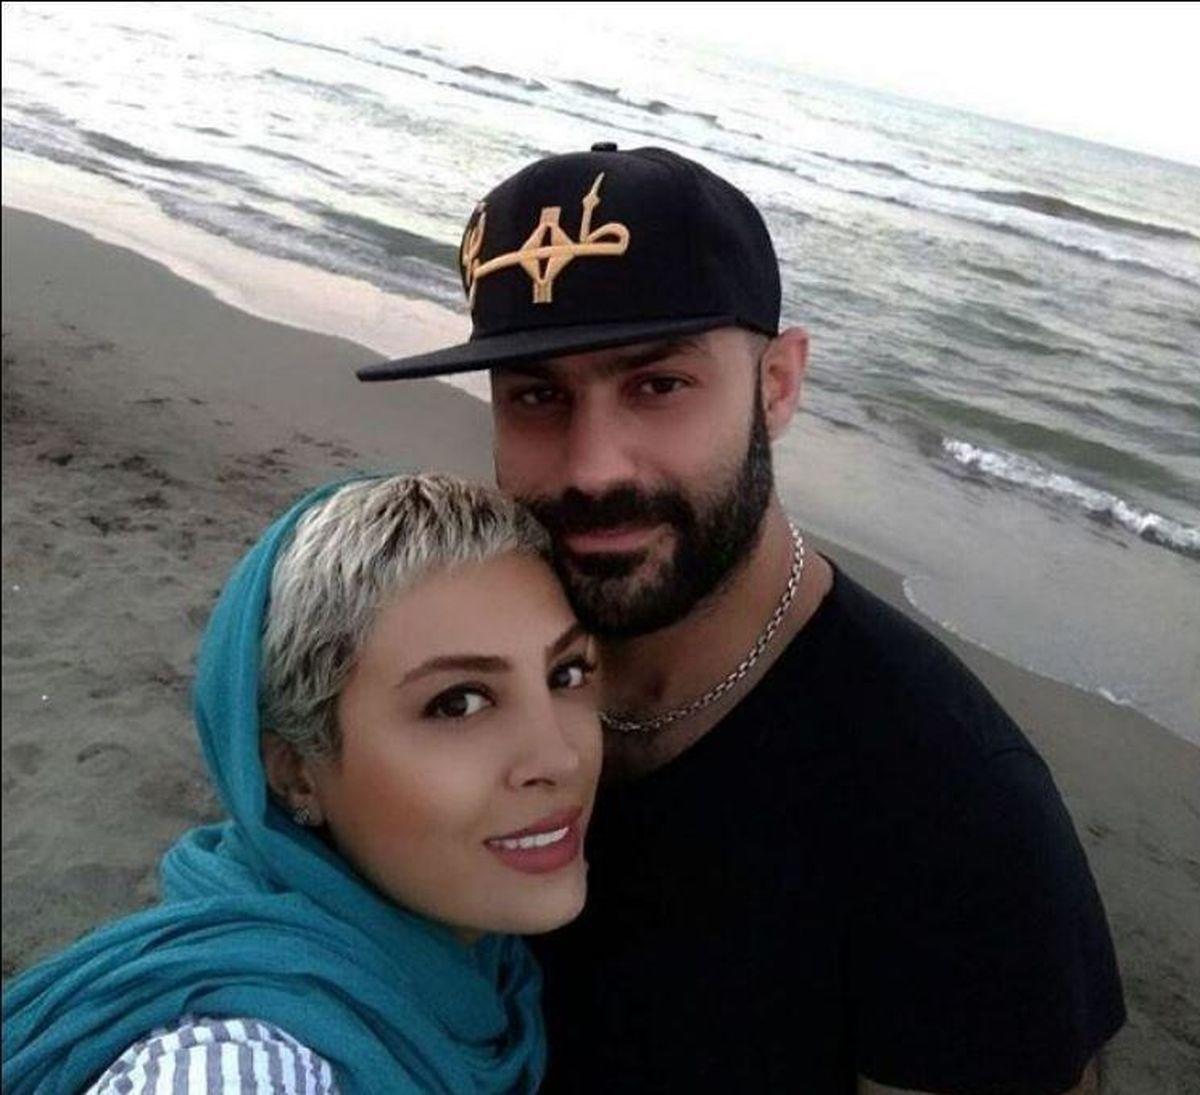 کتک خوردن حدیثه تهرانی از همسرش غوغا کرد + فیلم